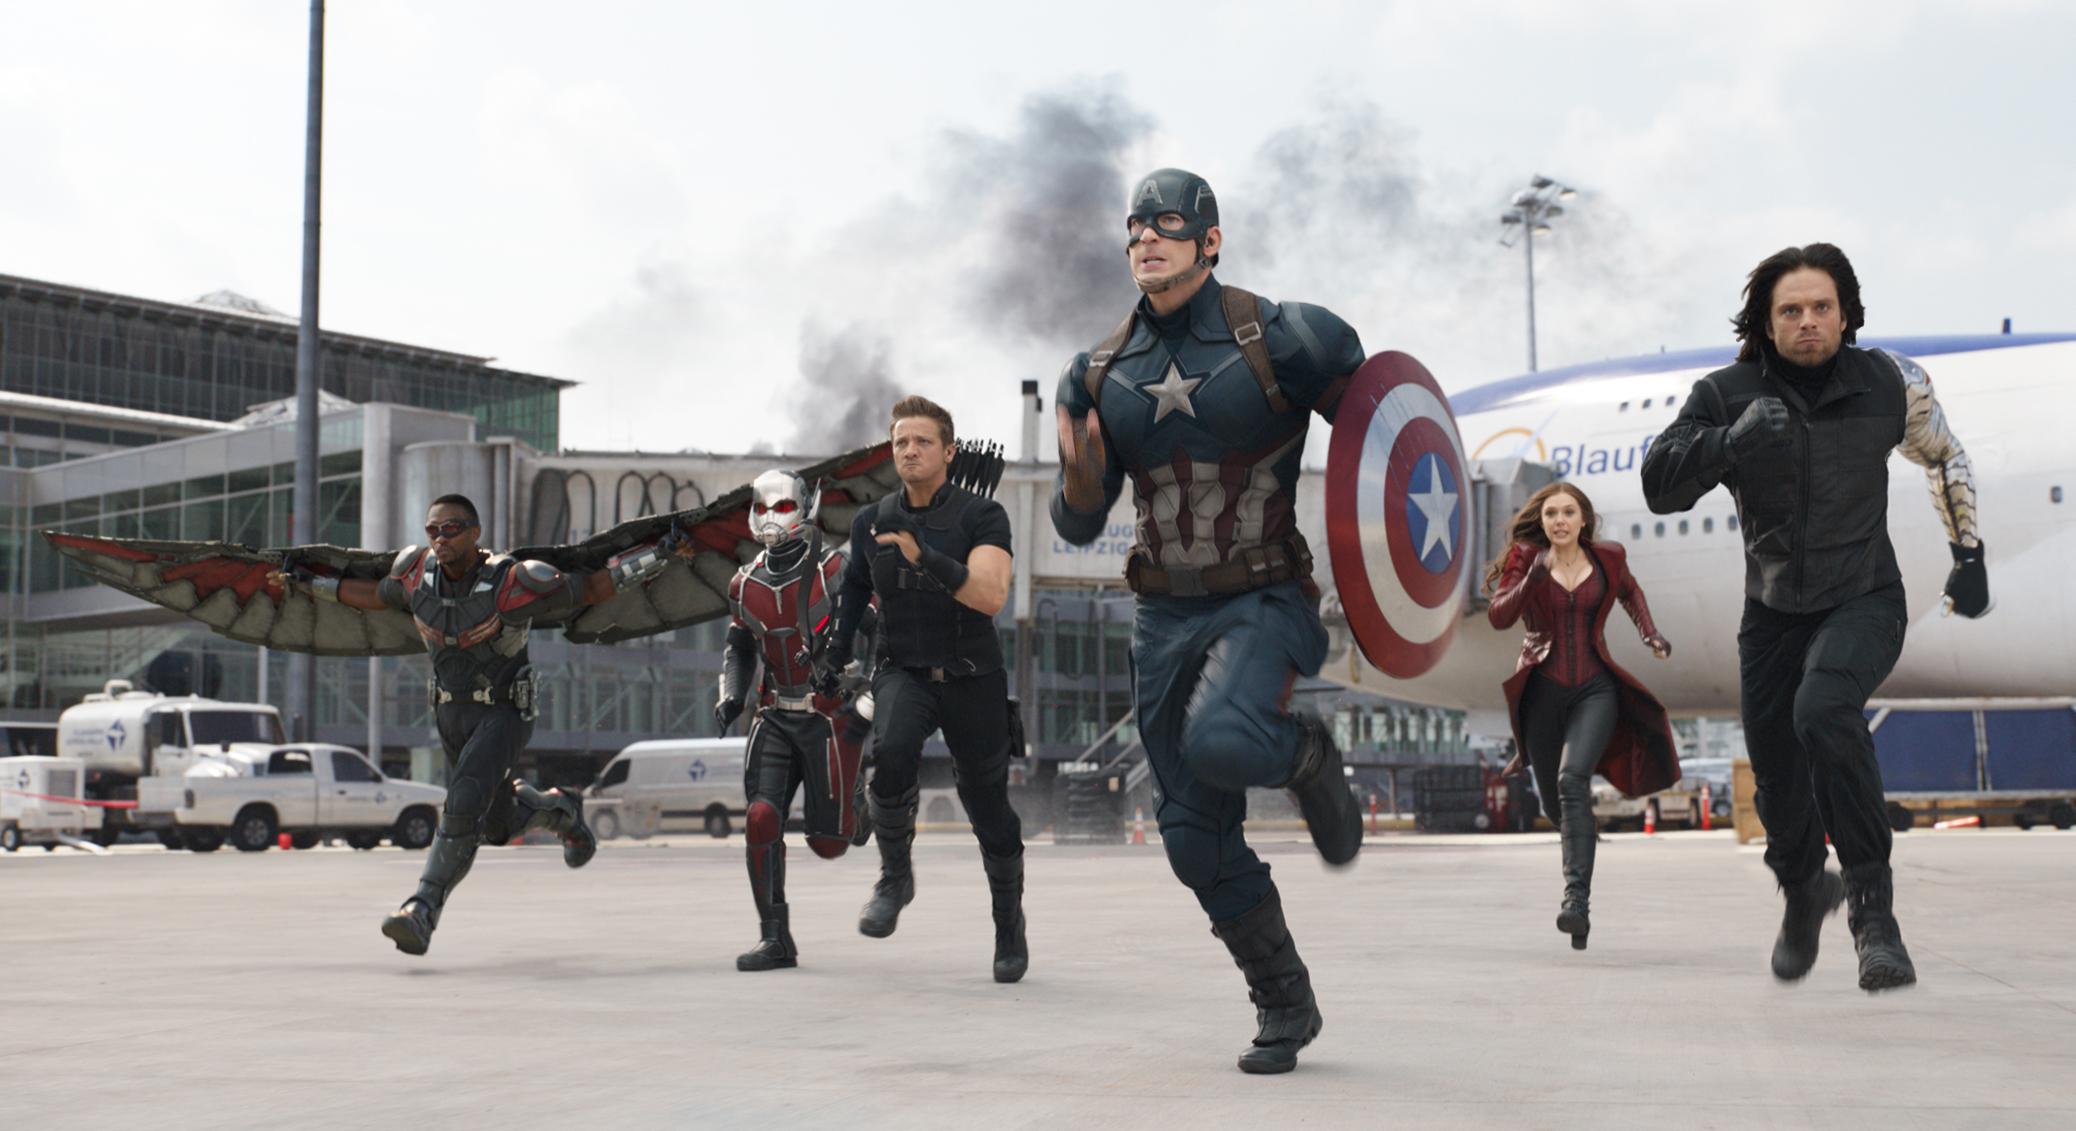 From left: Anthony Mackie, Paul Rudd, Jeremy Renner, Chris Evans, Elizabeth Olsen, and Sebastian Stan in Captain America: Civil War.